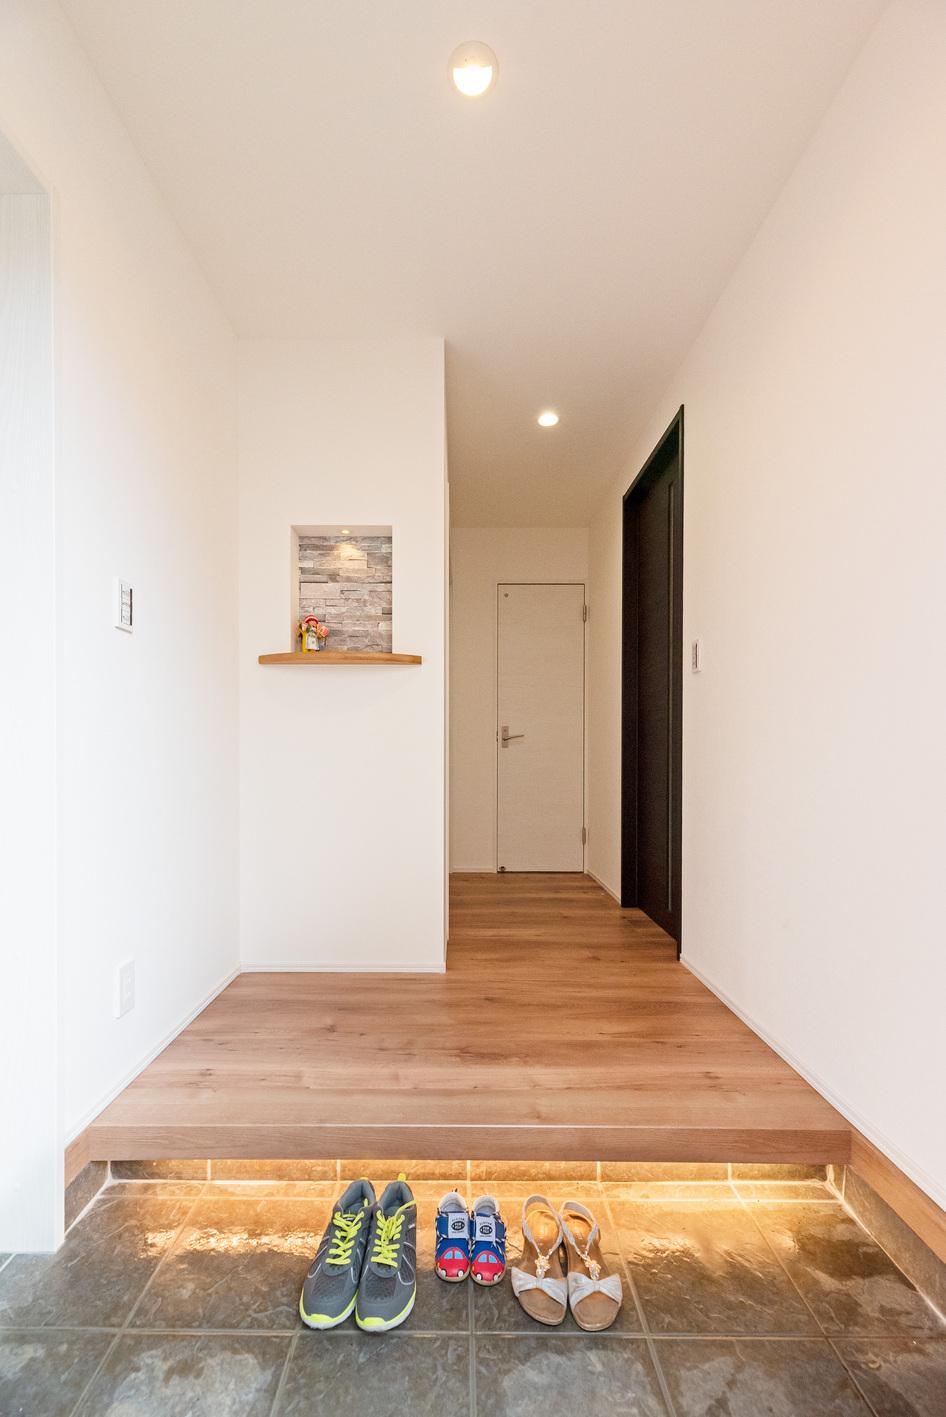 irohaco (アヴァンス)【1000万円台、デザイン住宅、子育て】間接照明が高級感を演出する玄関。家族3人が並んでも余裕のある広さをとった